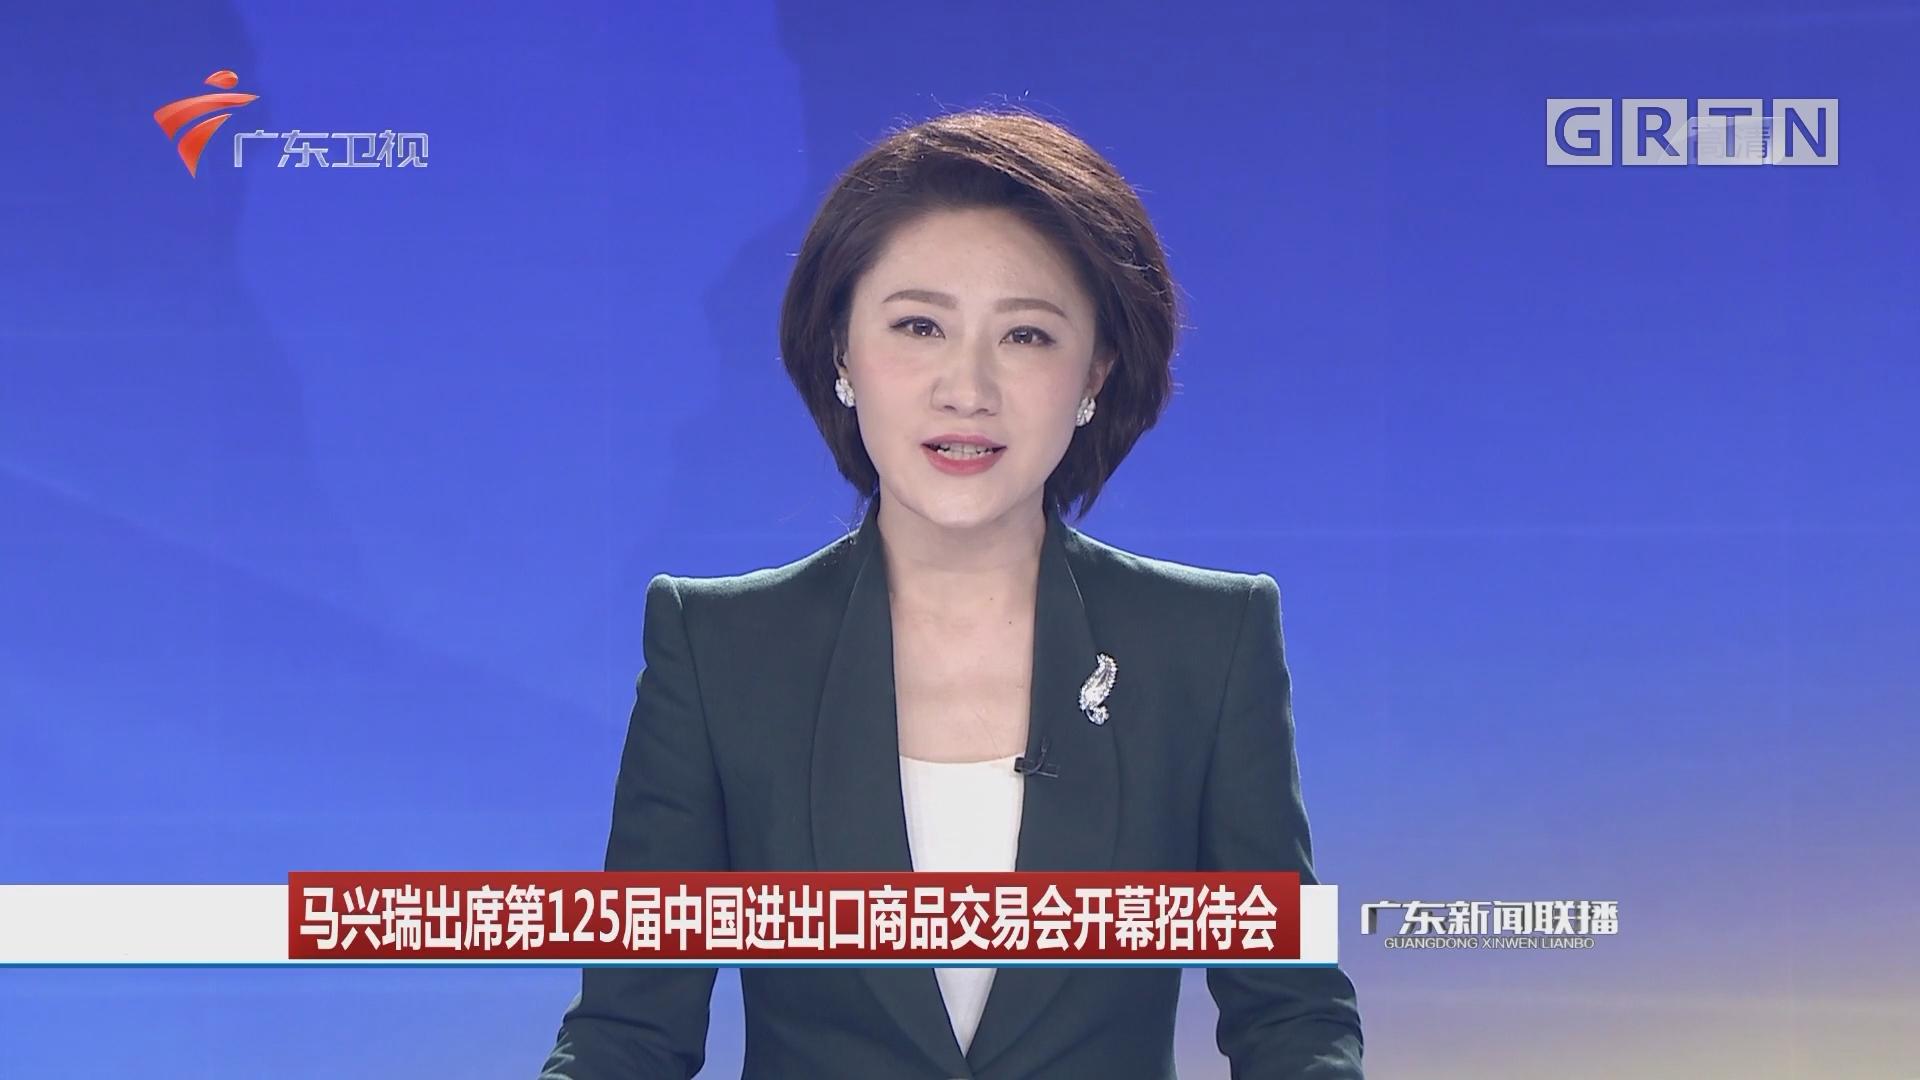 马兴瑞出席第125届中国进出口商品交易会开幕招待会